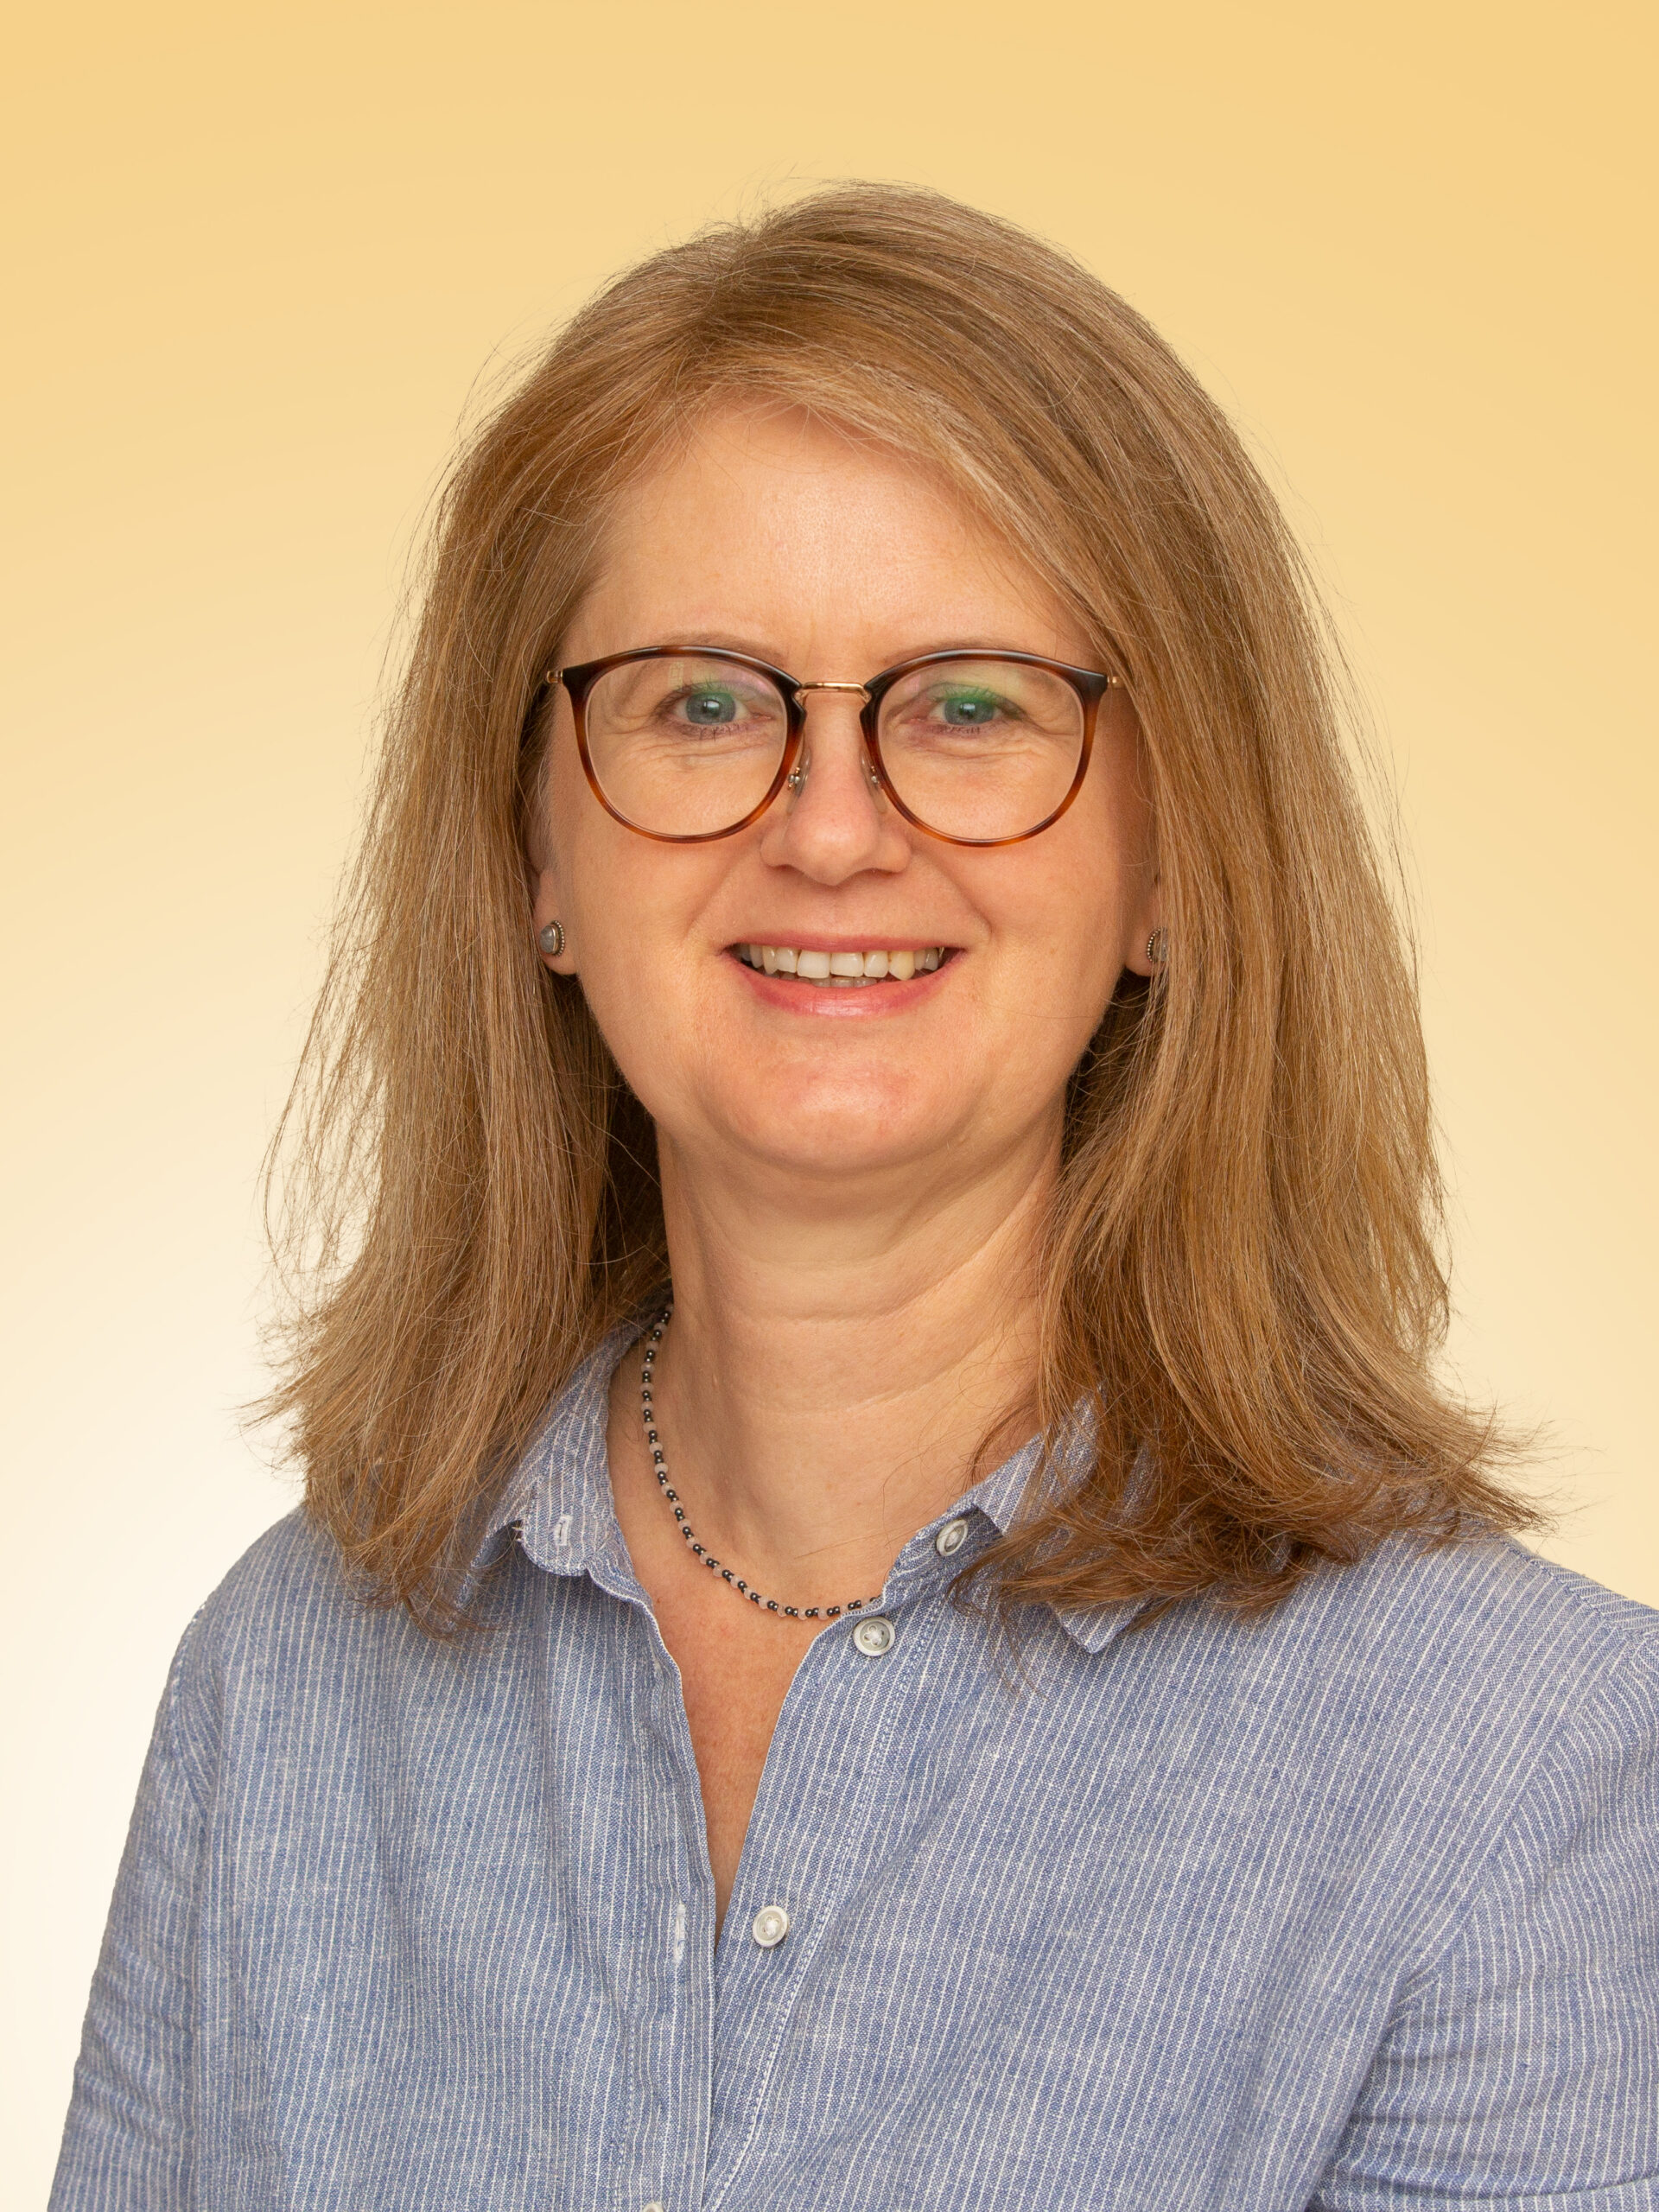 Sabine Hauernherm